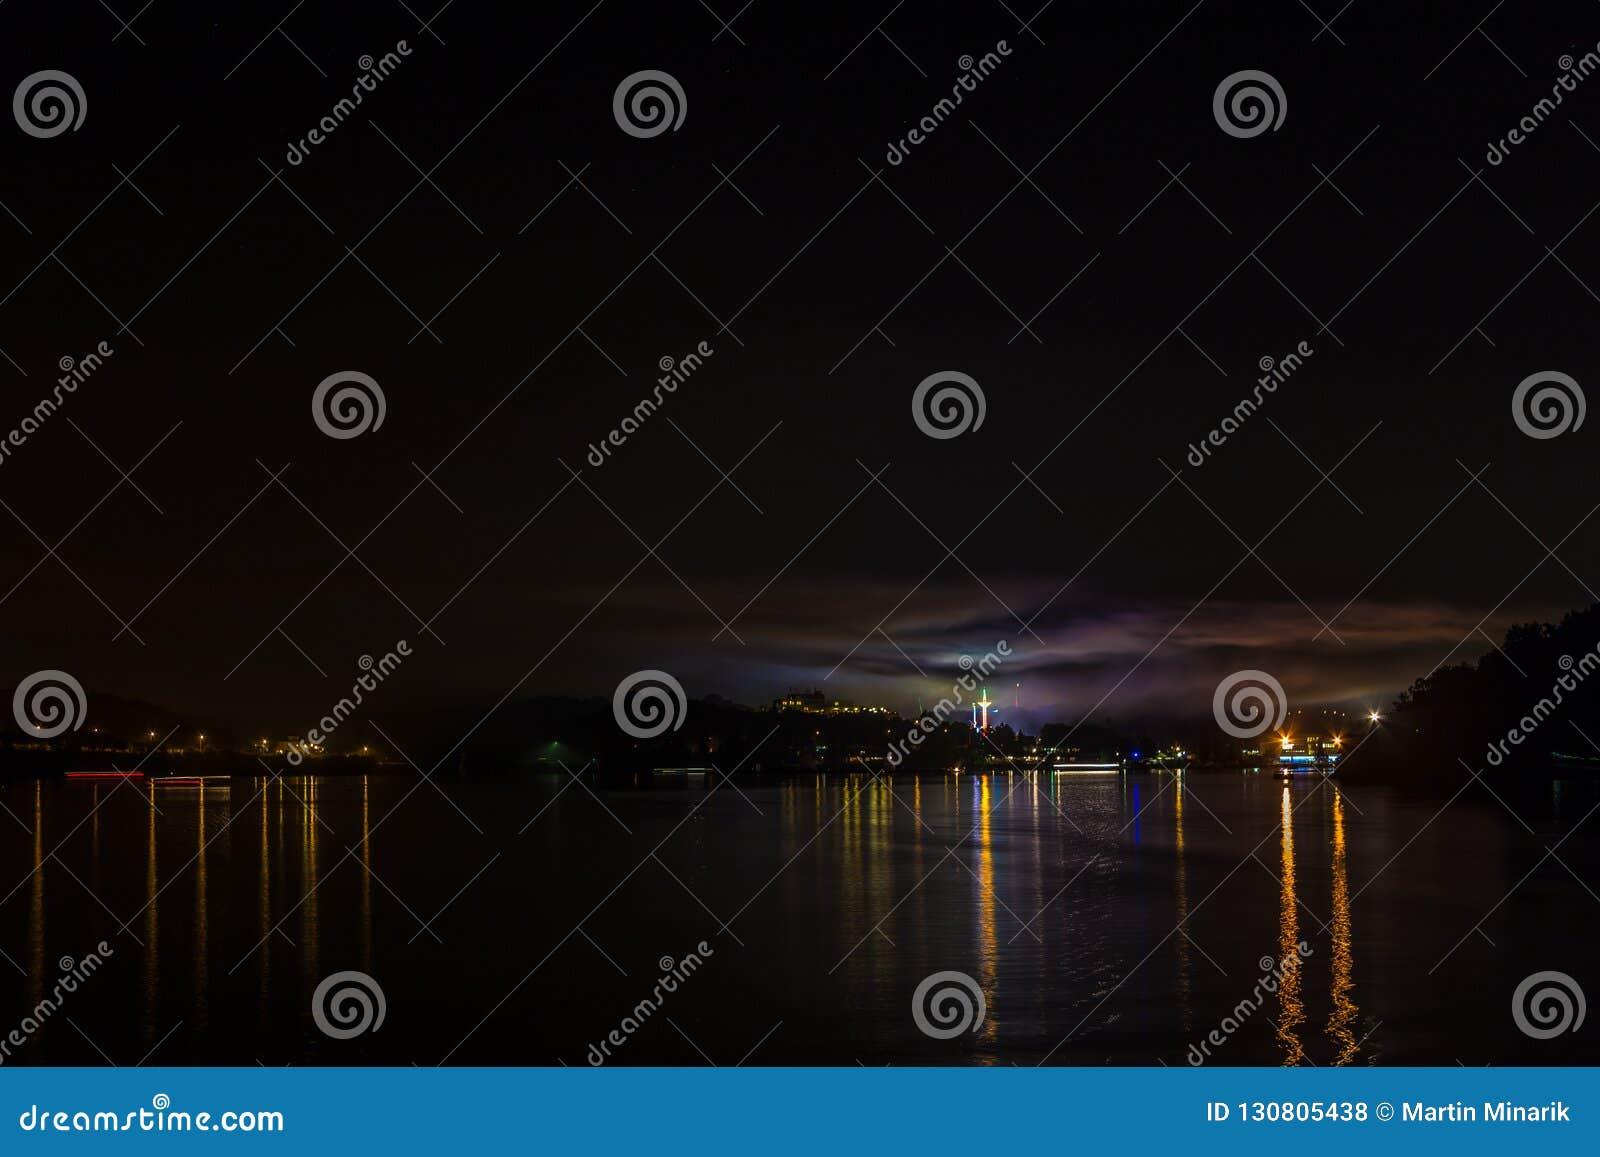 Yttersida av Brnos fördämning i natten, med ljusreflexion i vattnet